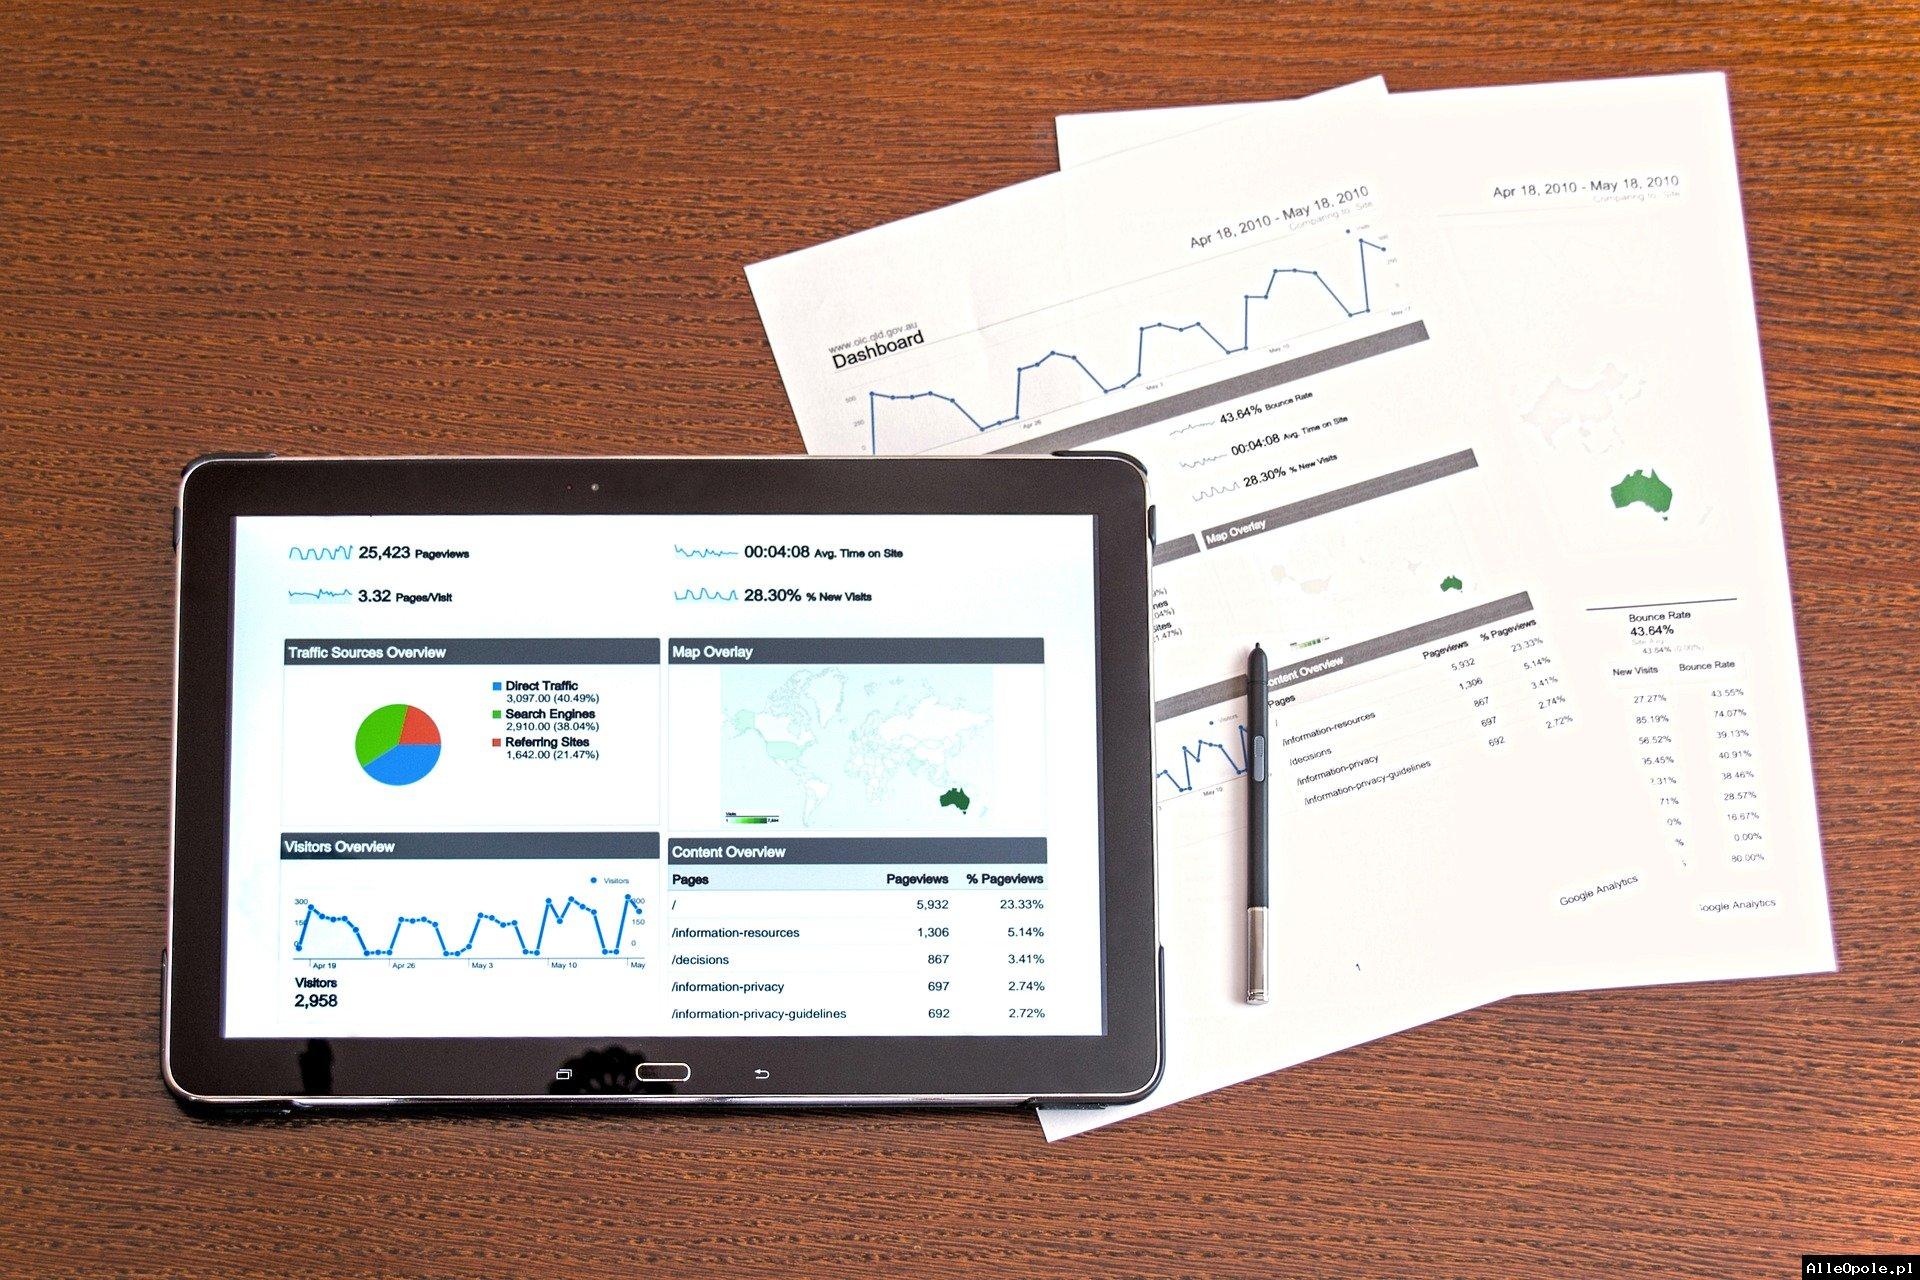 Wykonanie i pozycjonowanie strony internetowej - Reklama i marketing internetowy